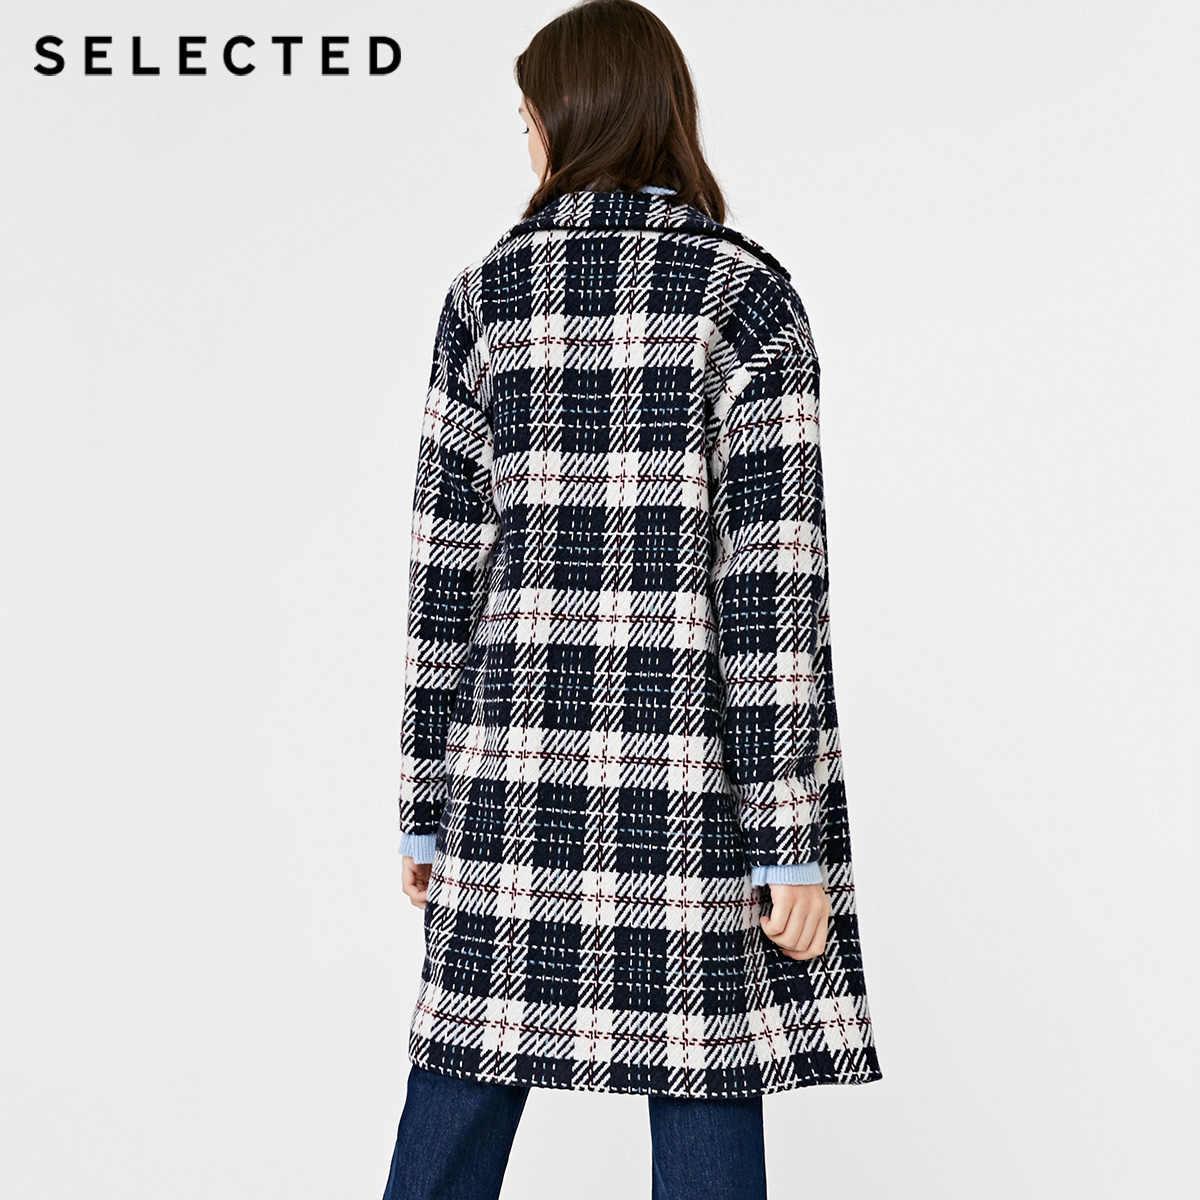 נבחר סתיו וחורף חדש של נשים עם צמר ניגוד משובץ צמר מעיל S | 418427512